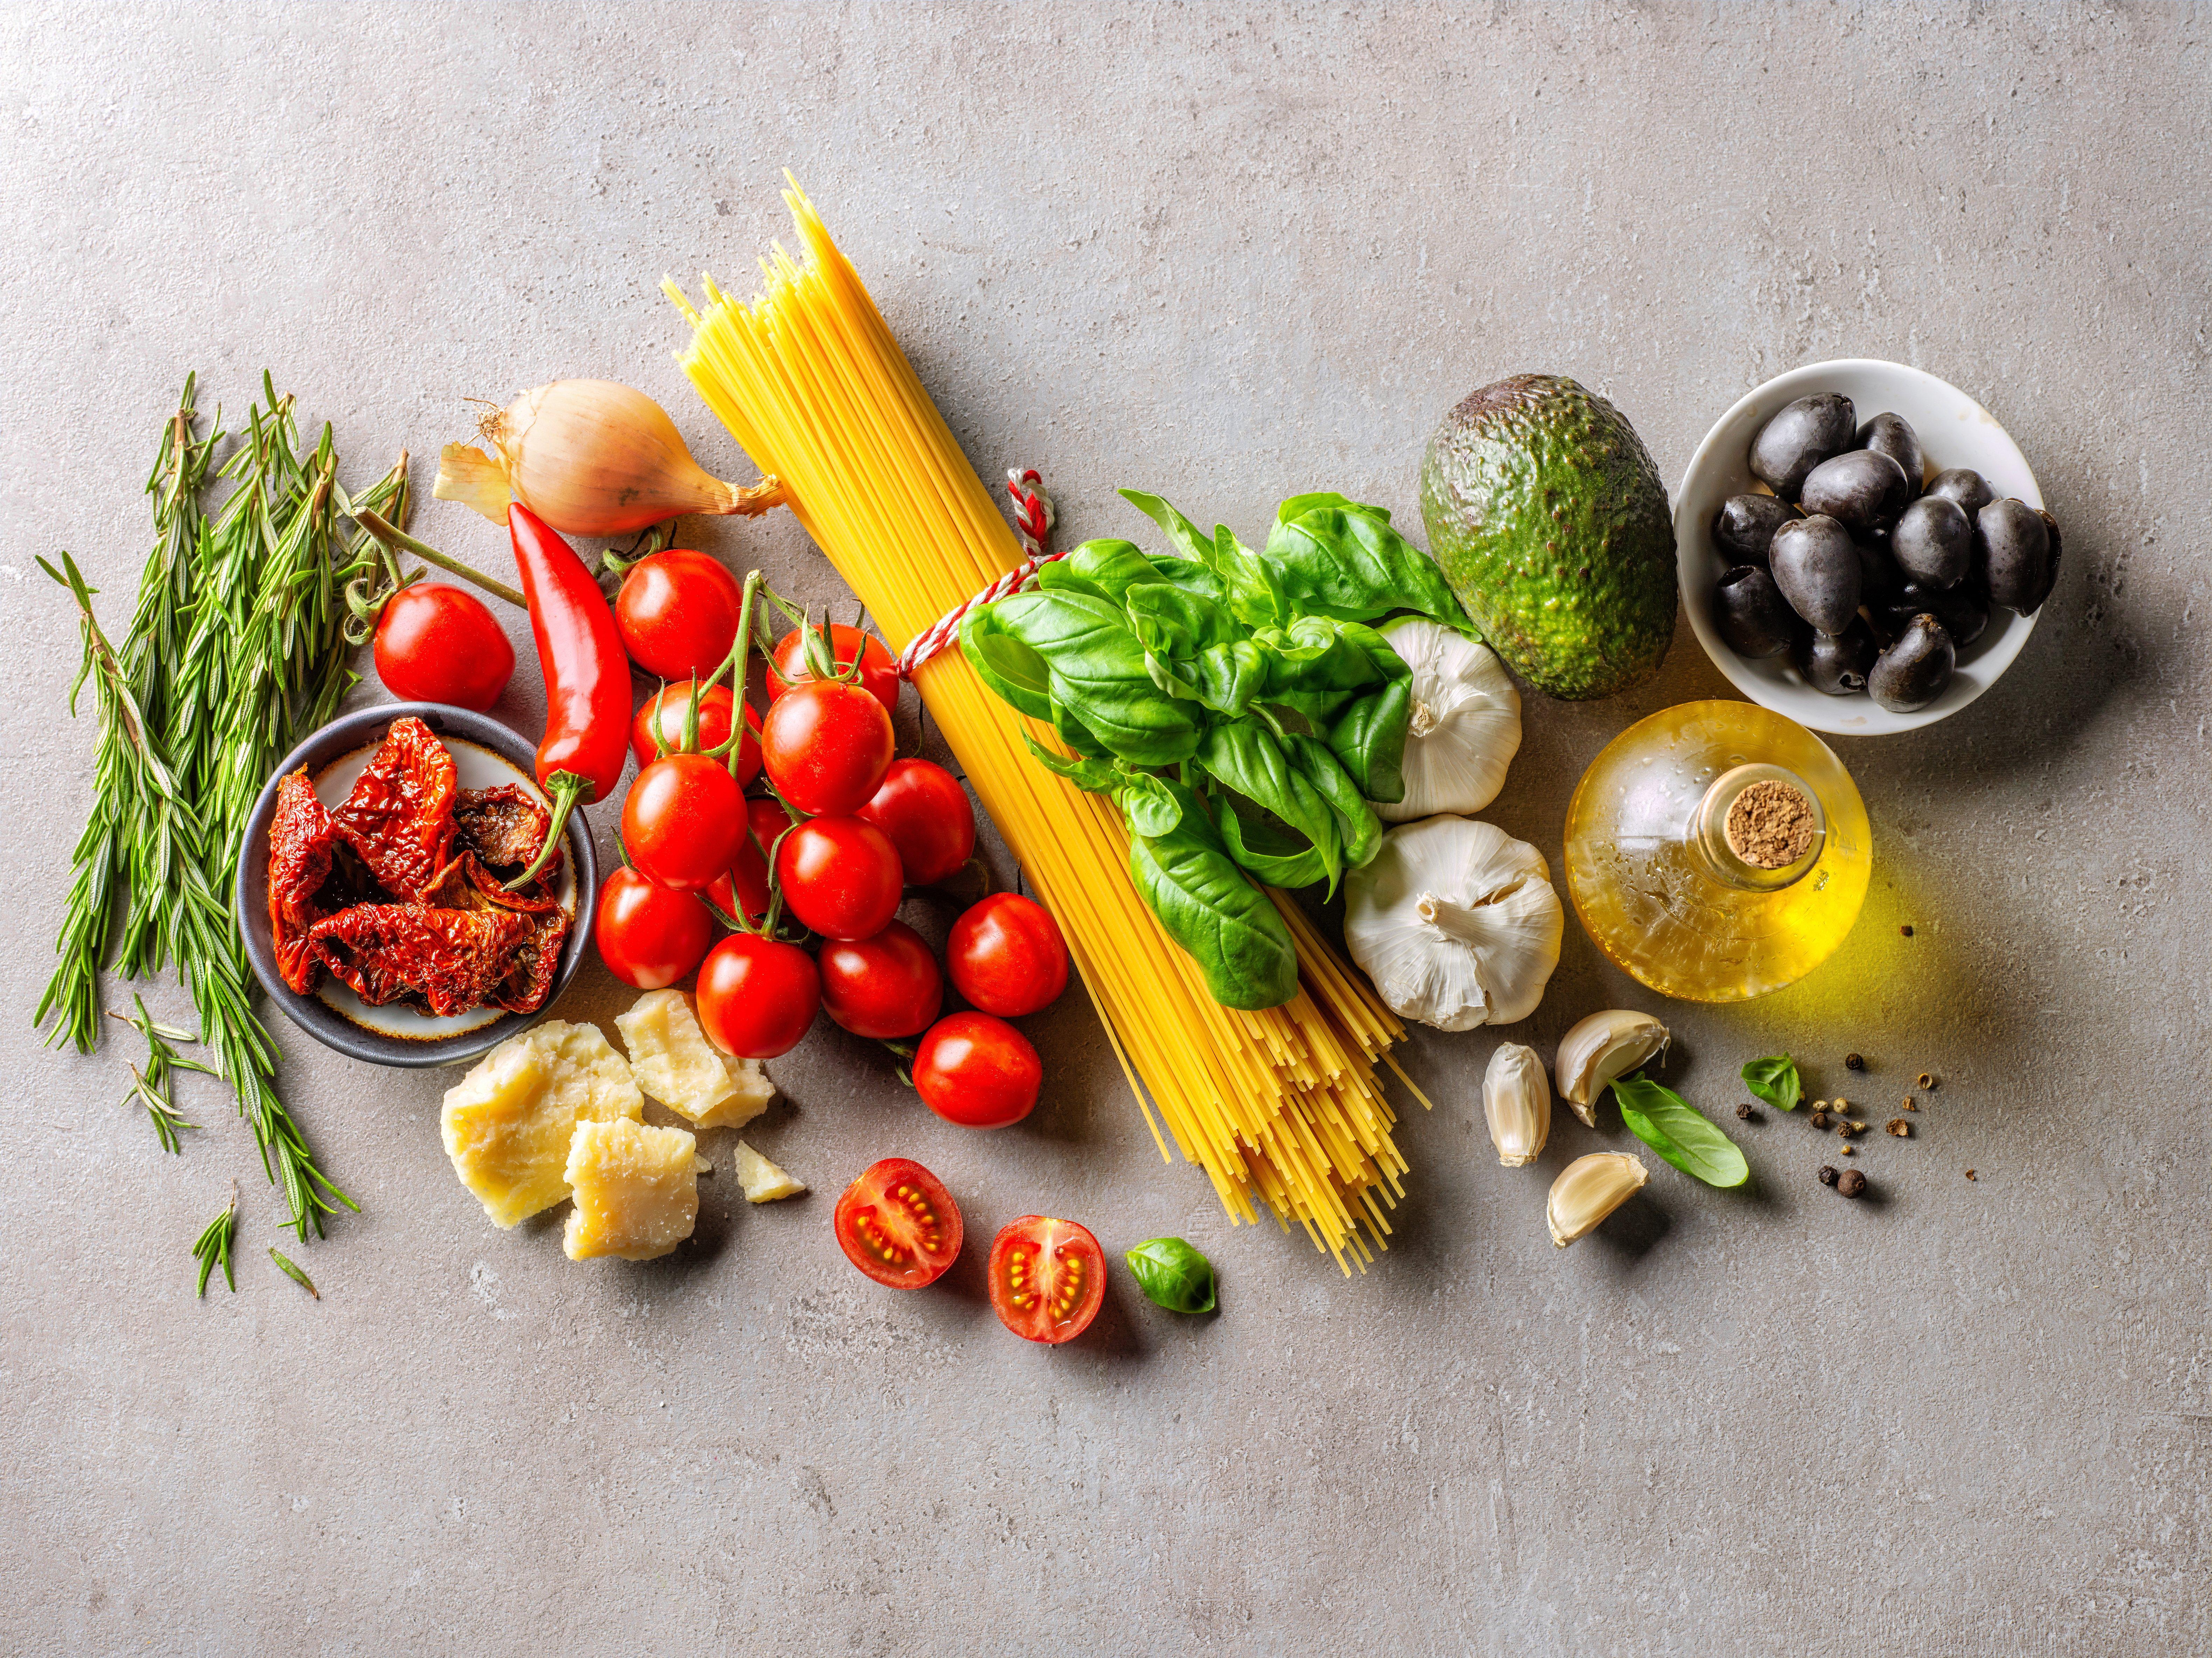 Hay que renunciar a aquello que no es saludable y mejorar la alimentación